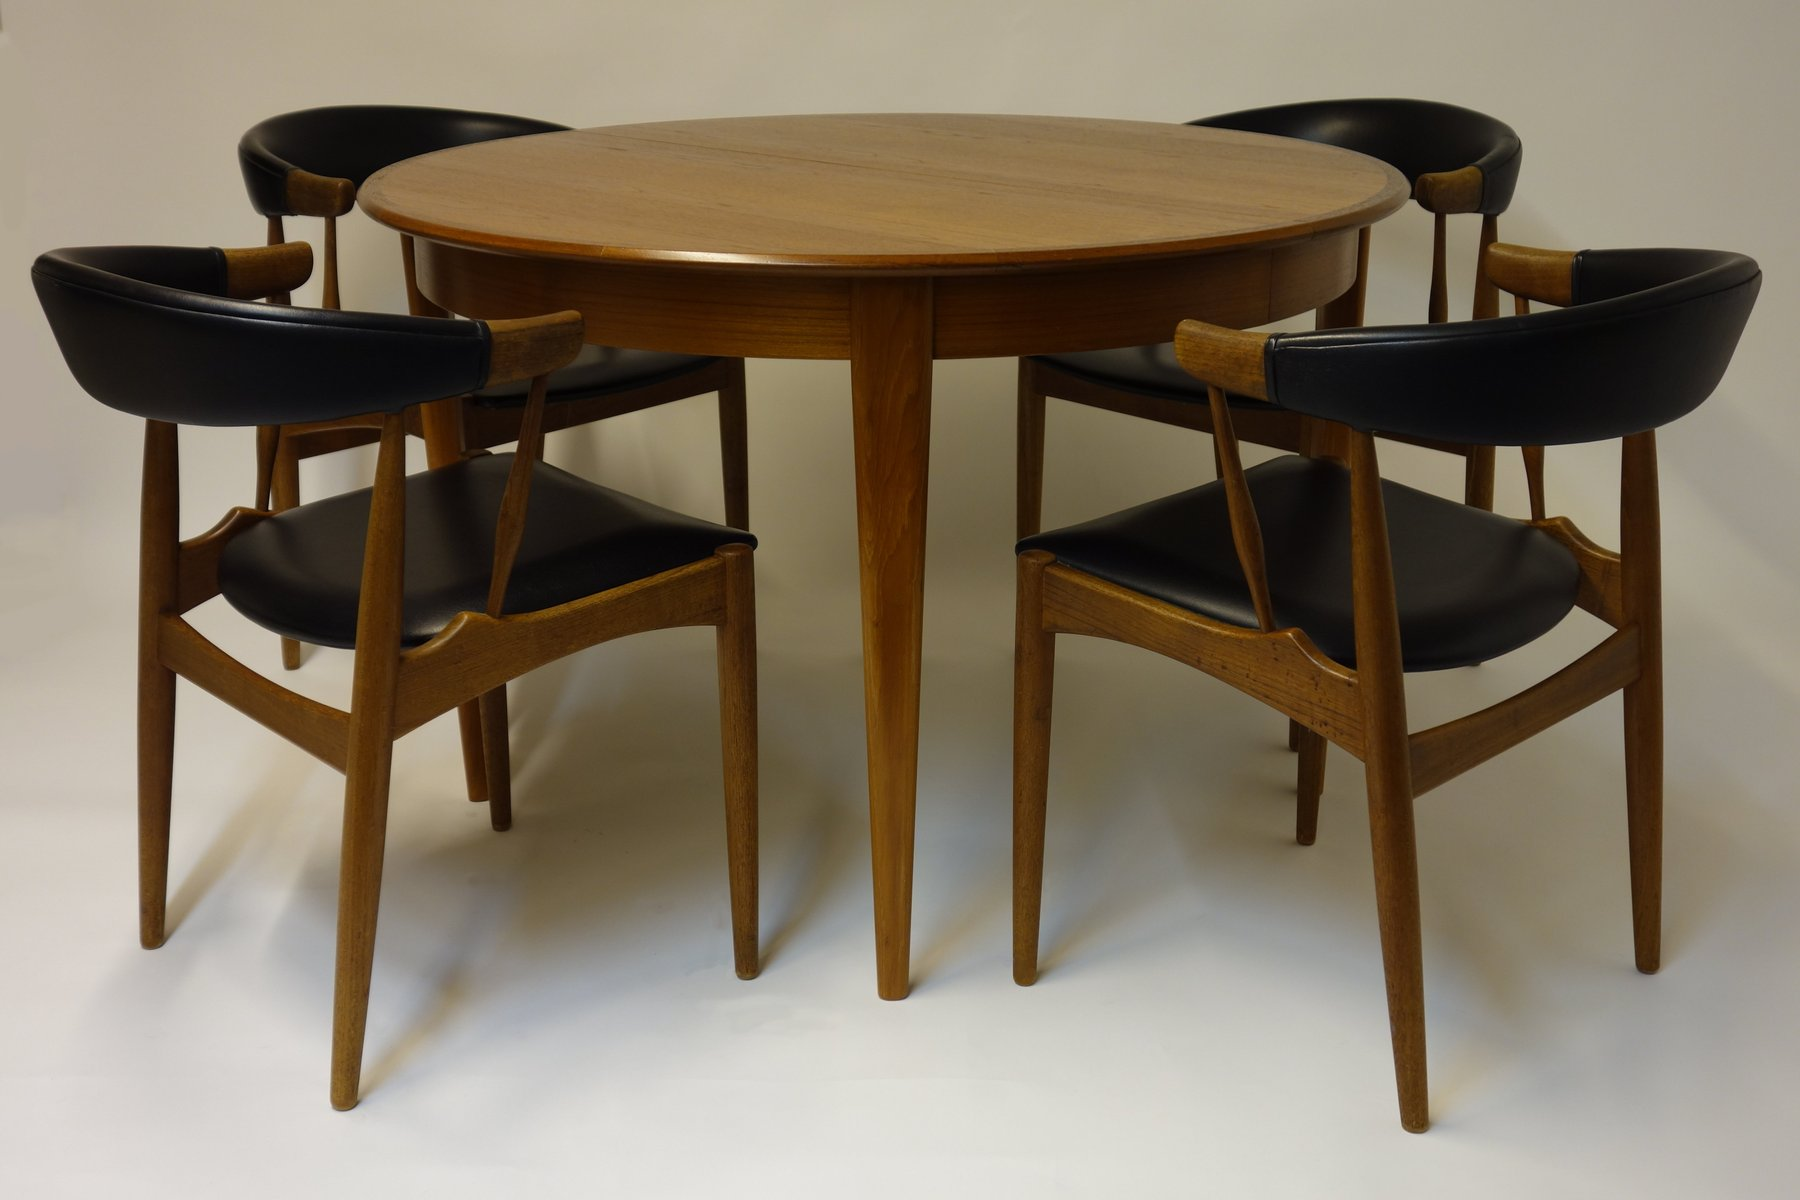 Tavolo da pranzo allungabile con 4 sedie di Brdr. Andersen, 1966 in ...